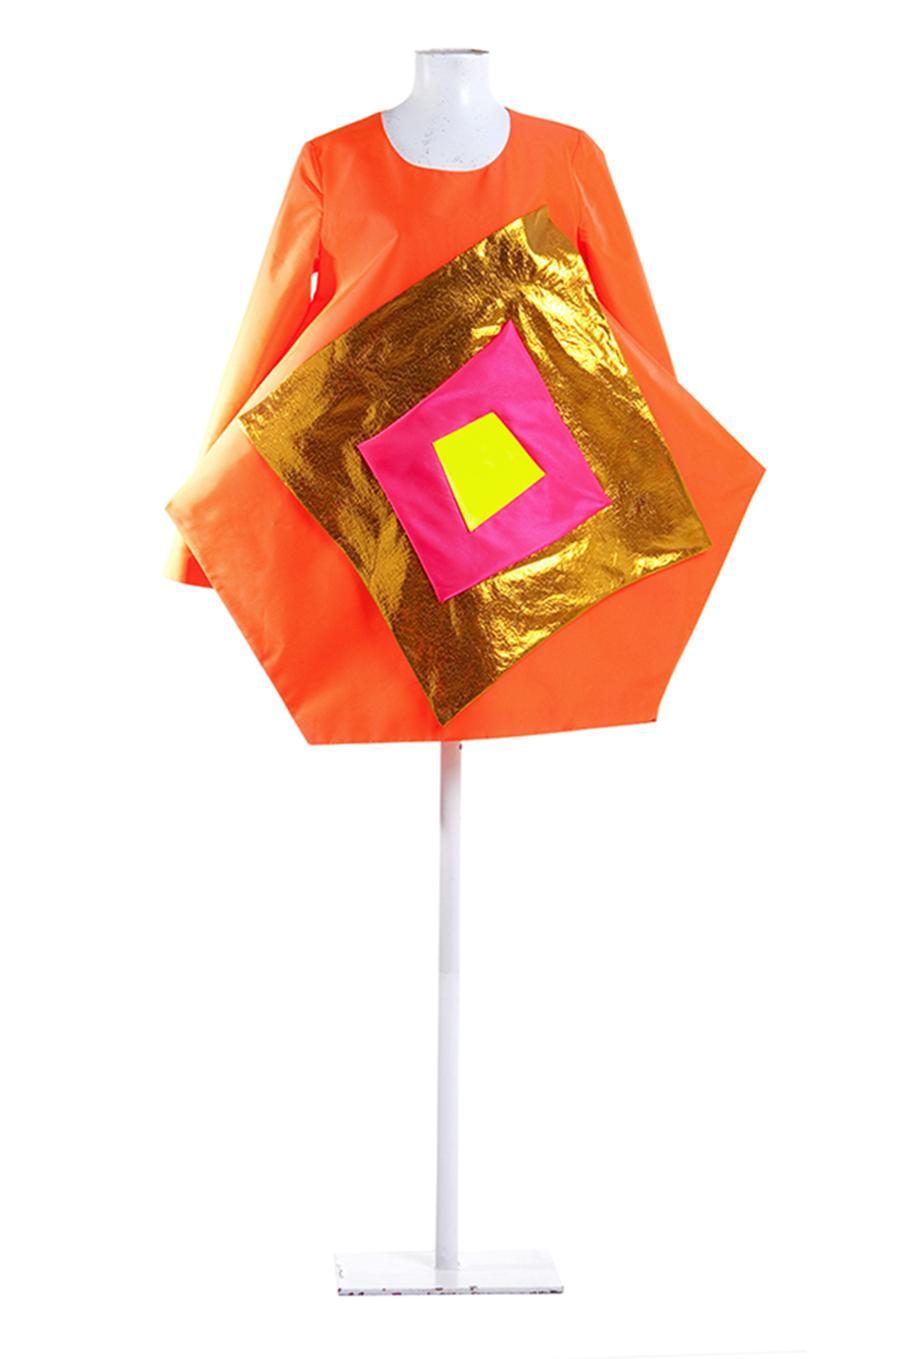 Cuadrados. Vestido de políester y lúrex que se presenta en la exposición de vestidos en la Semaine des Communautes de Aubenas, Francia. En el año 2003, España es el país invitado.